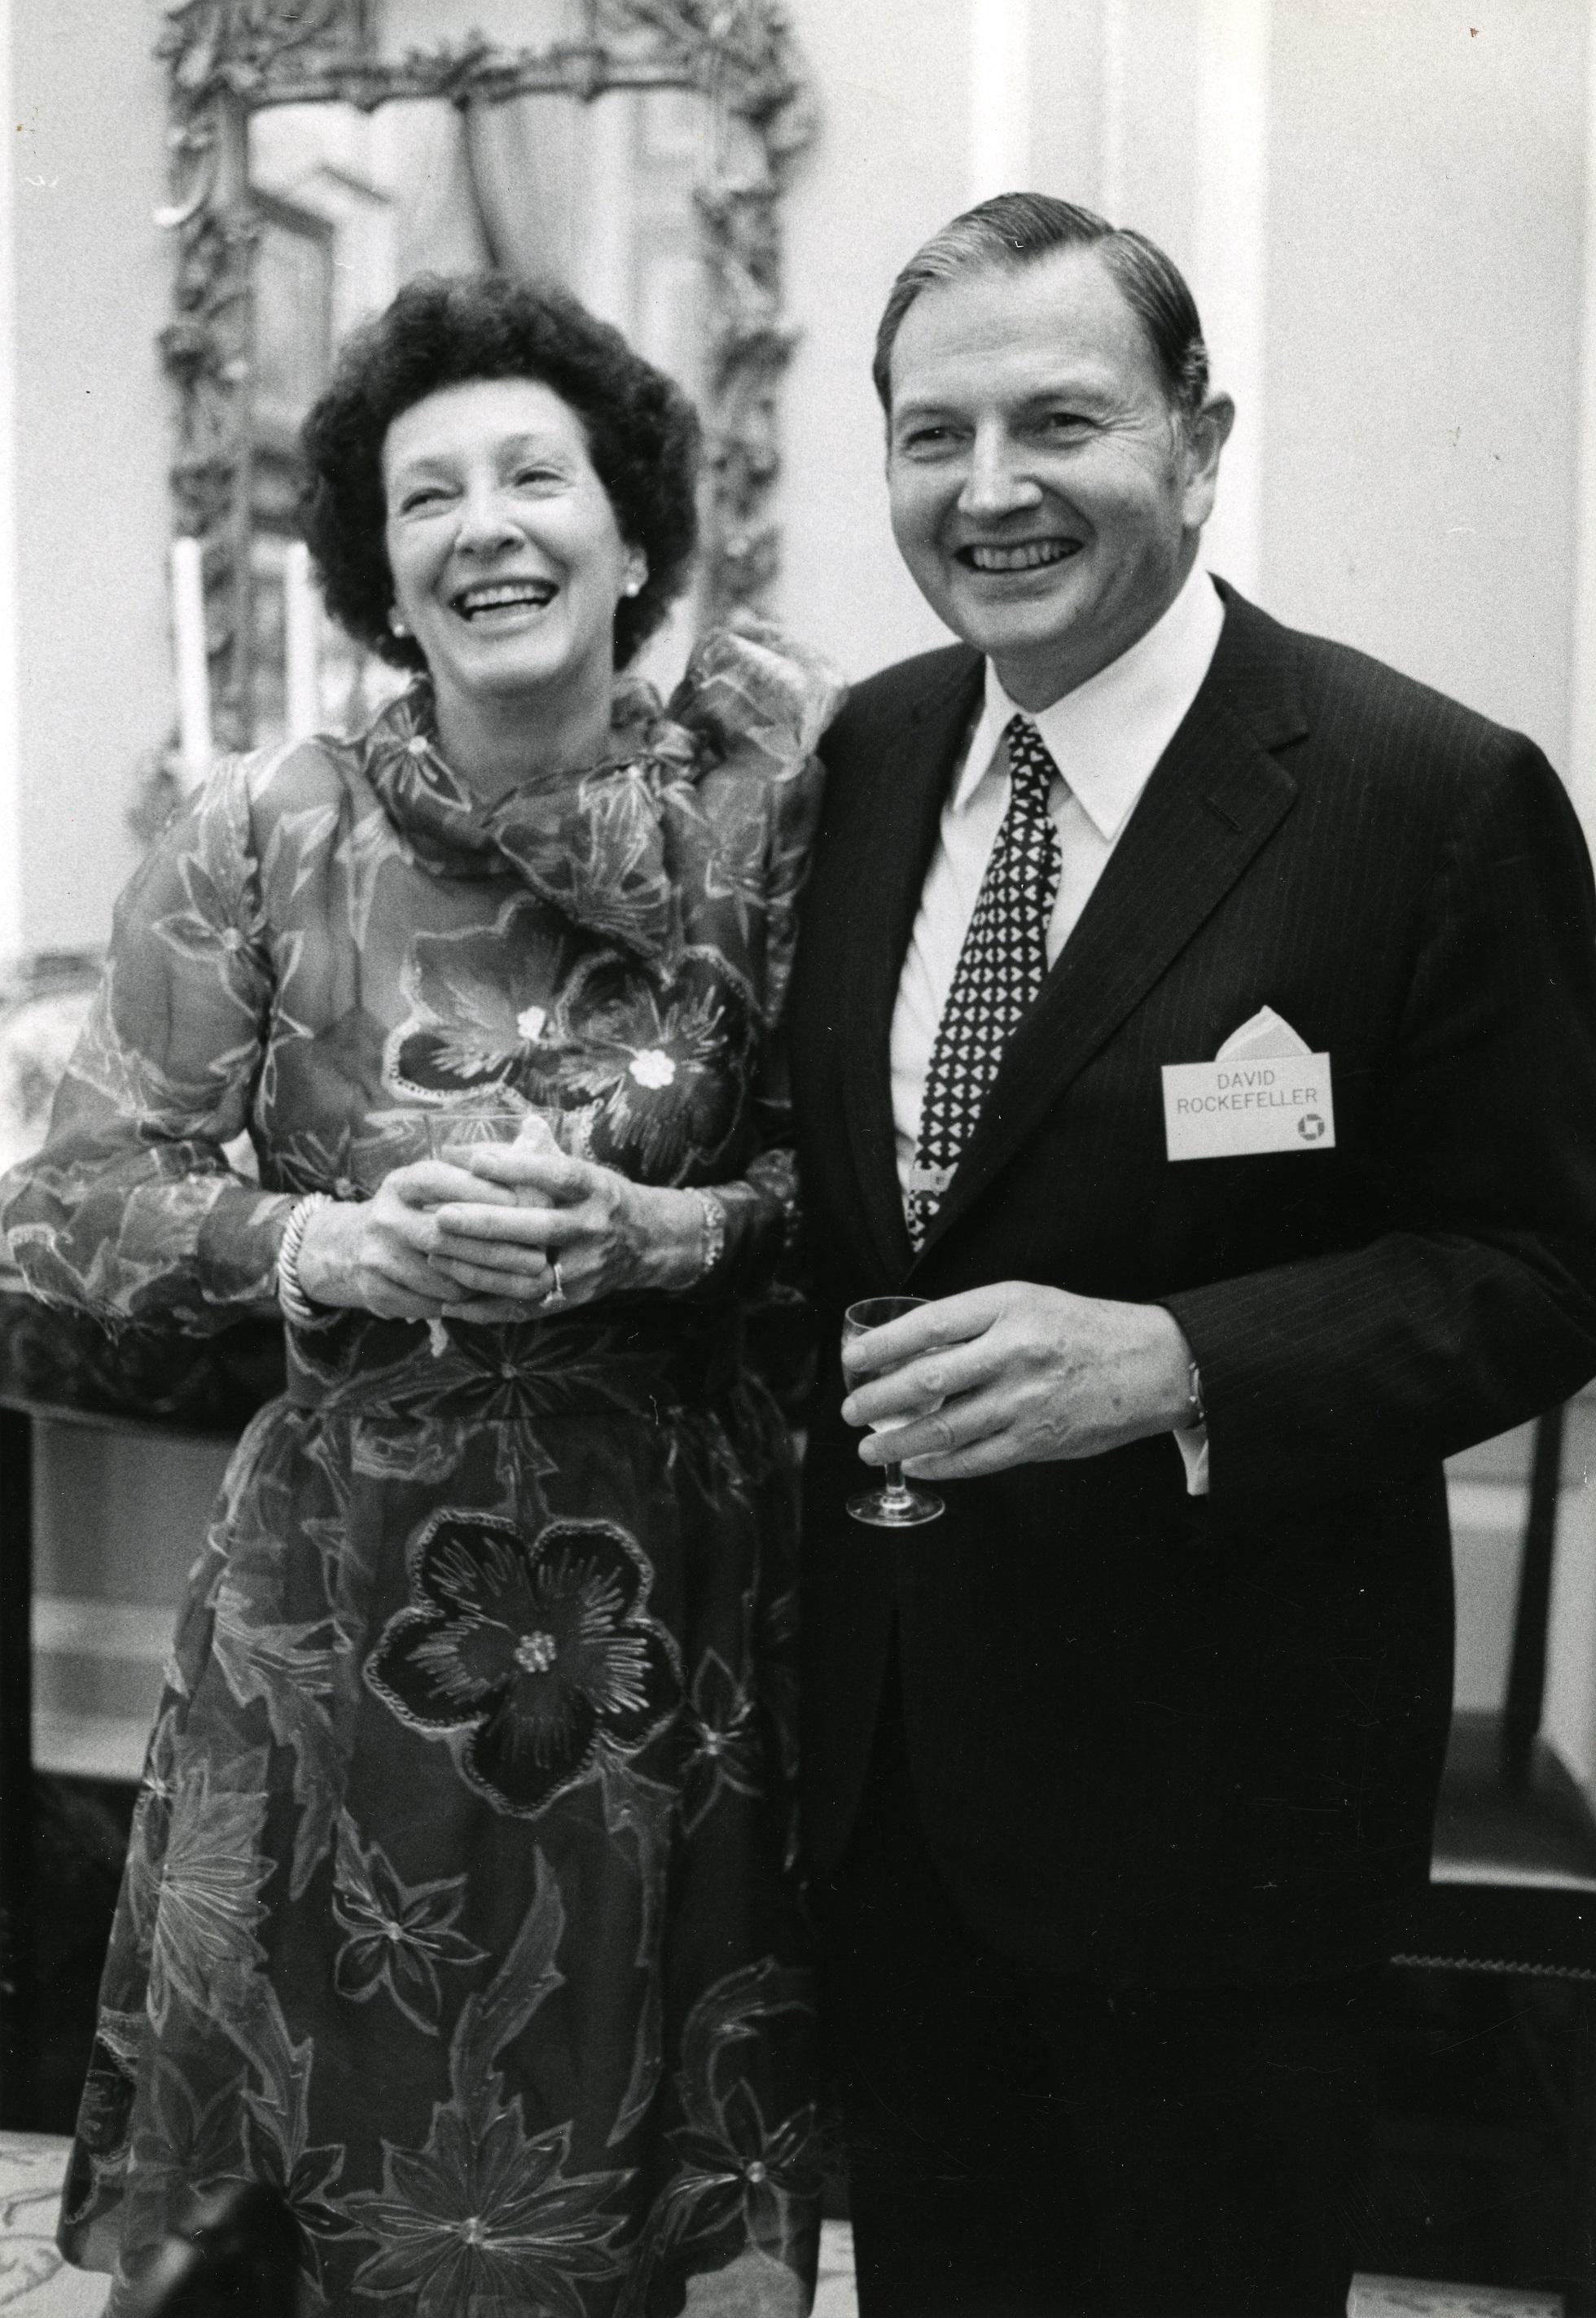 David Rockefeller on Art Collecting by Doug Woodham